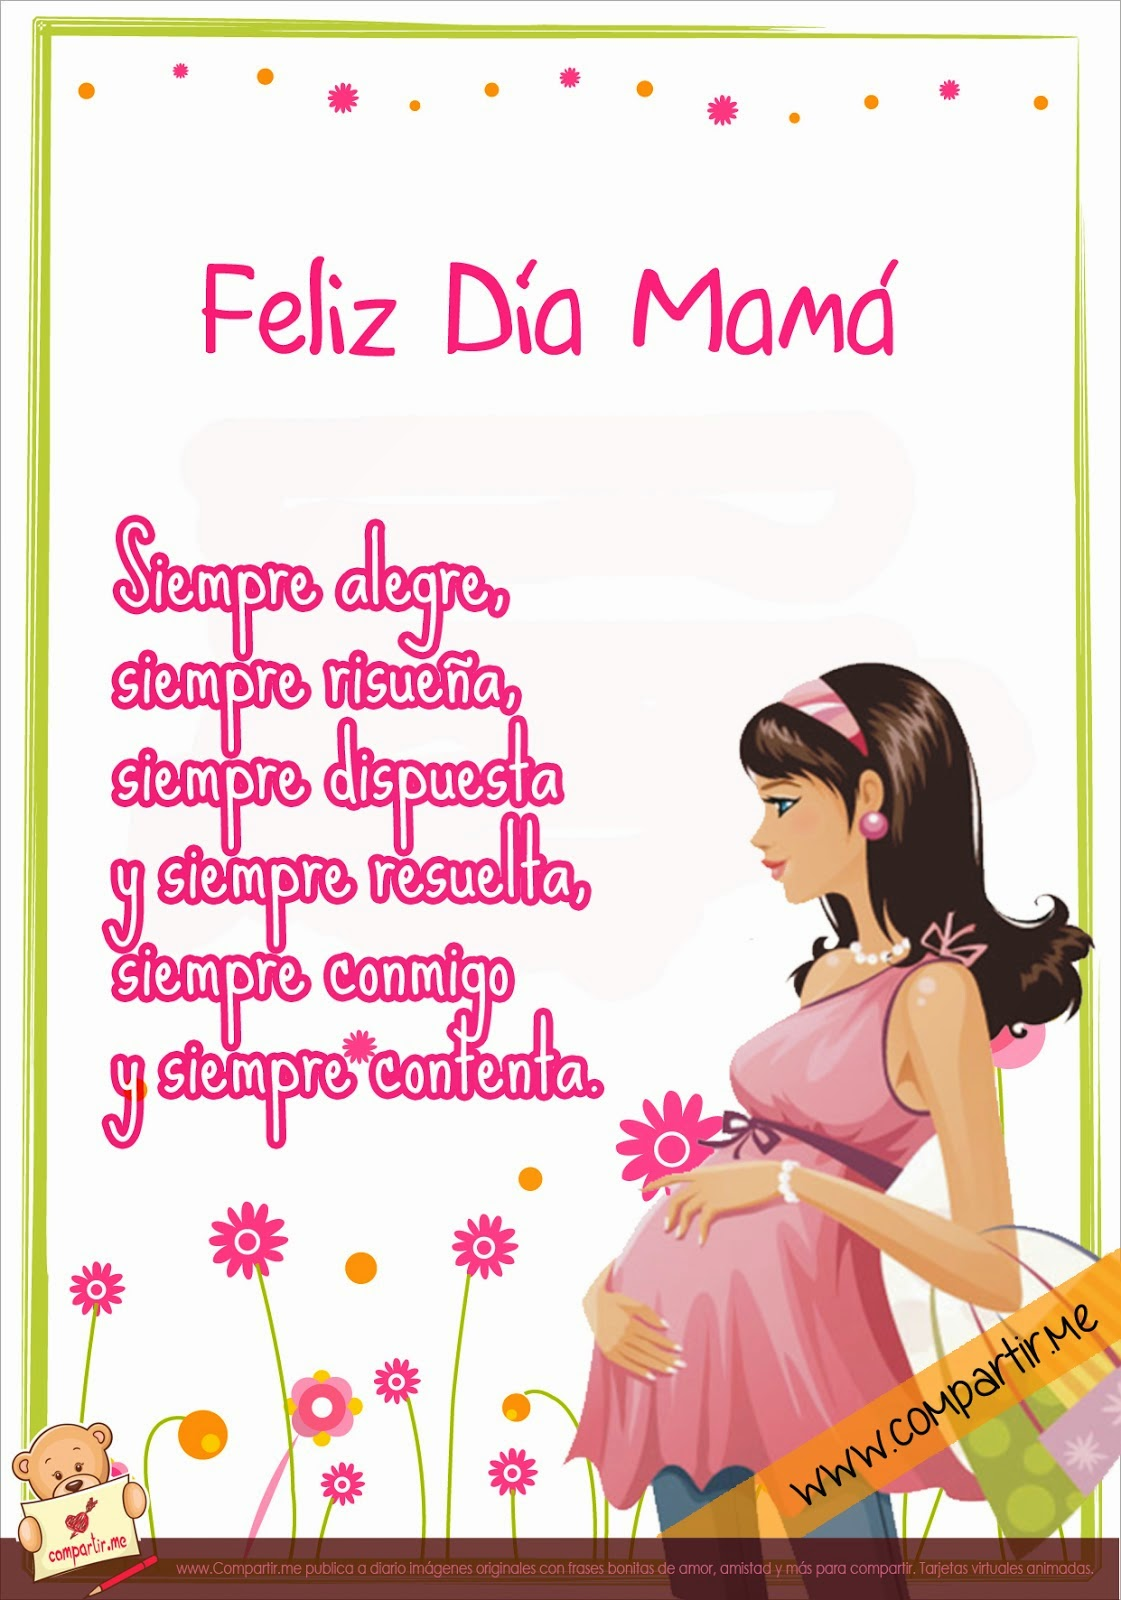 descargar imagenes para el dia de la madre - tarjetas con mensajes alusivos a la madre